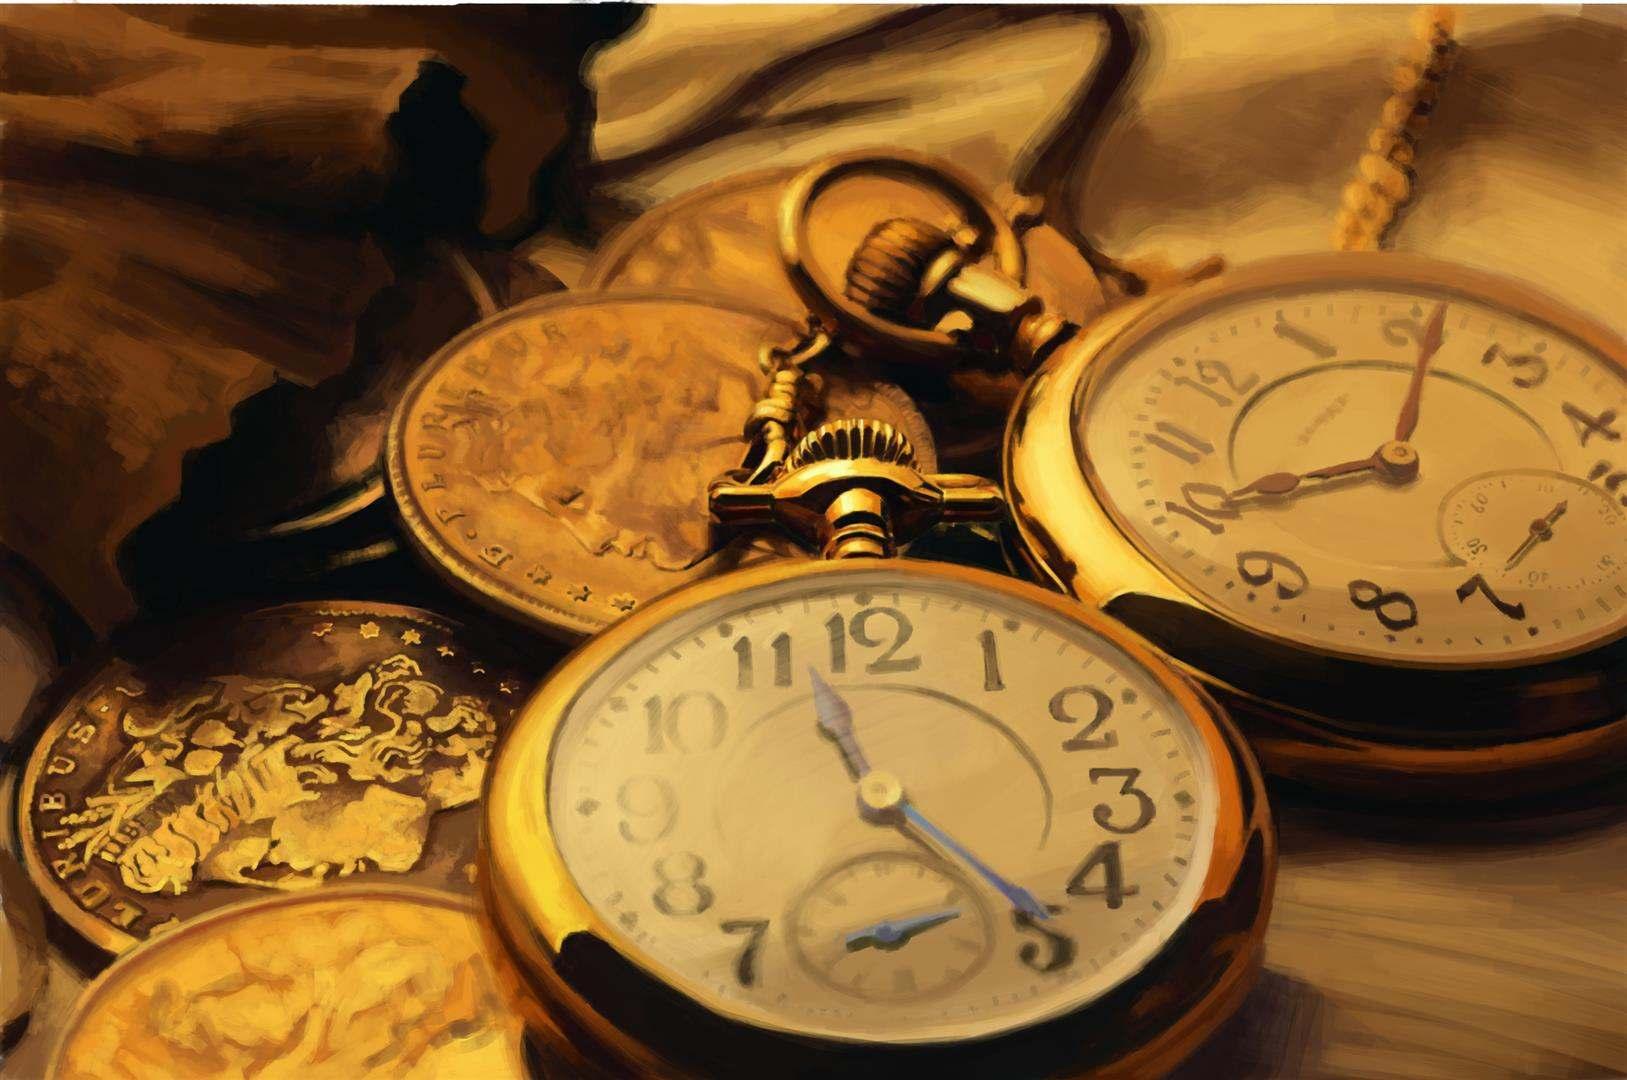 Tarihteki İlginç Olaylar Serisi - 1 tarihteki İlginç olaylar serisi Tarihteki İlginç Olaylar Serisi – 1 zaman